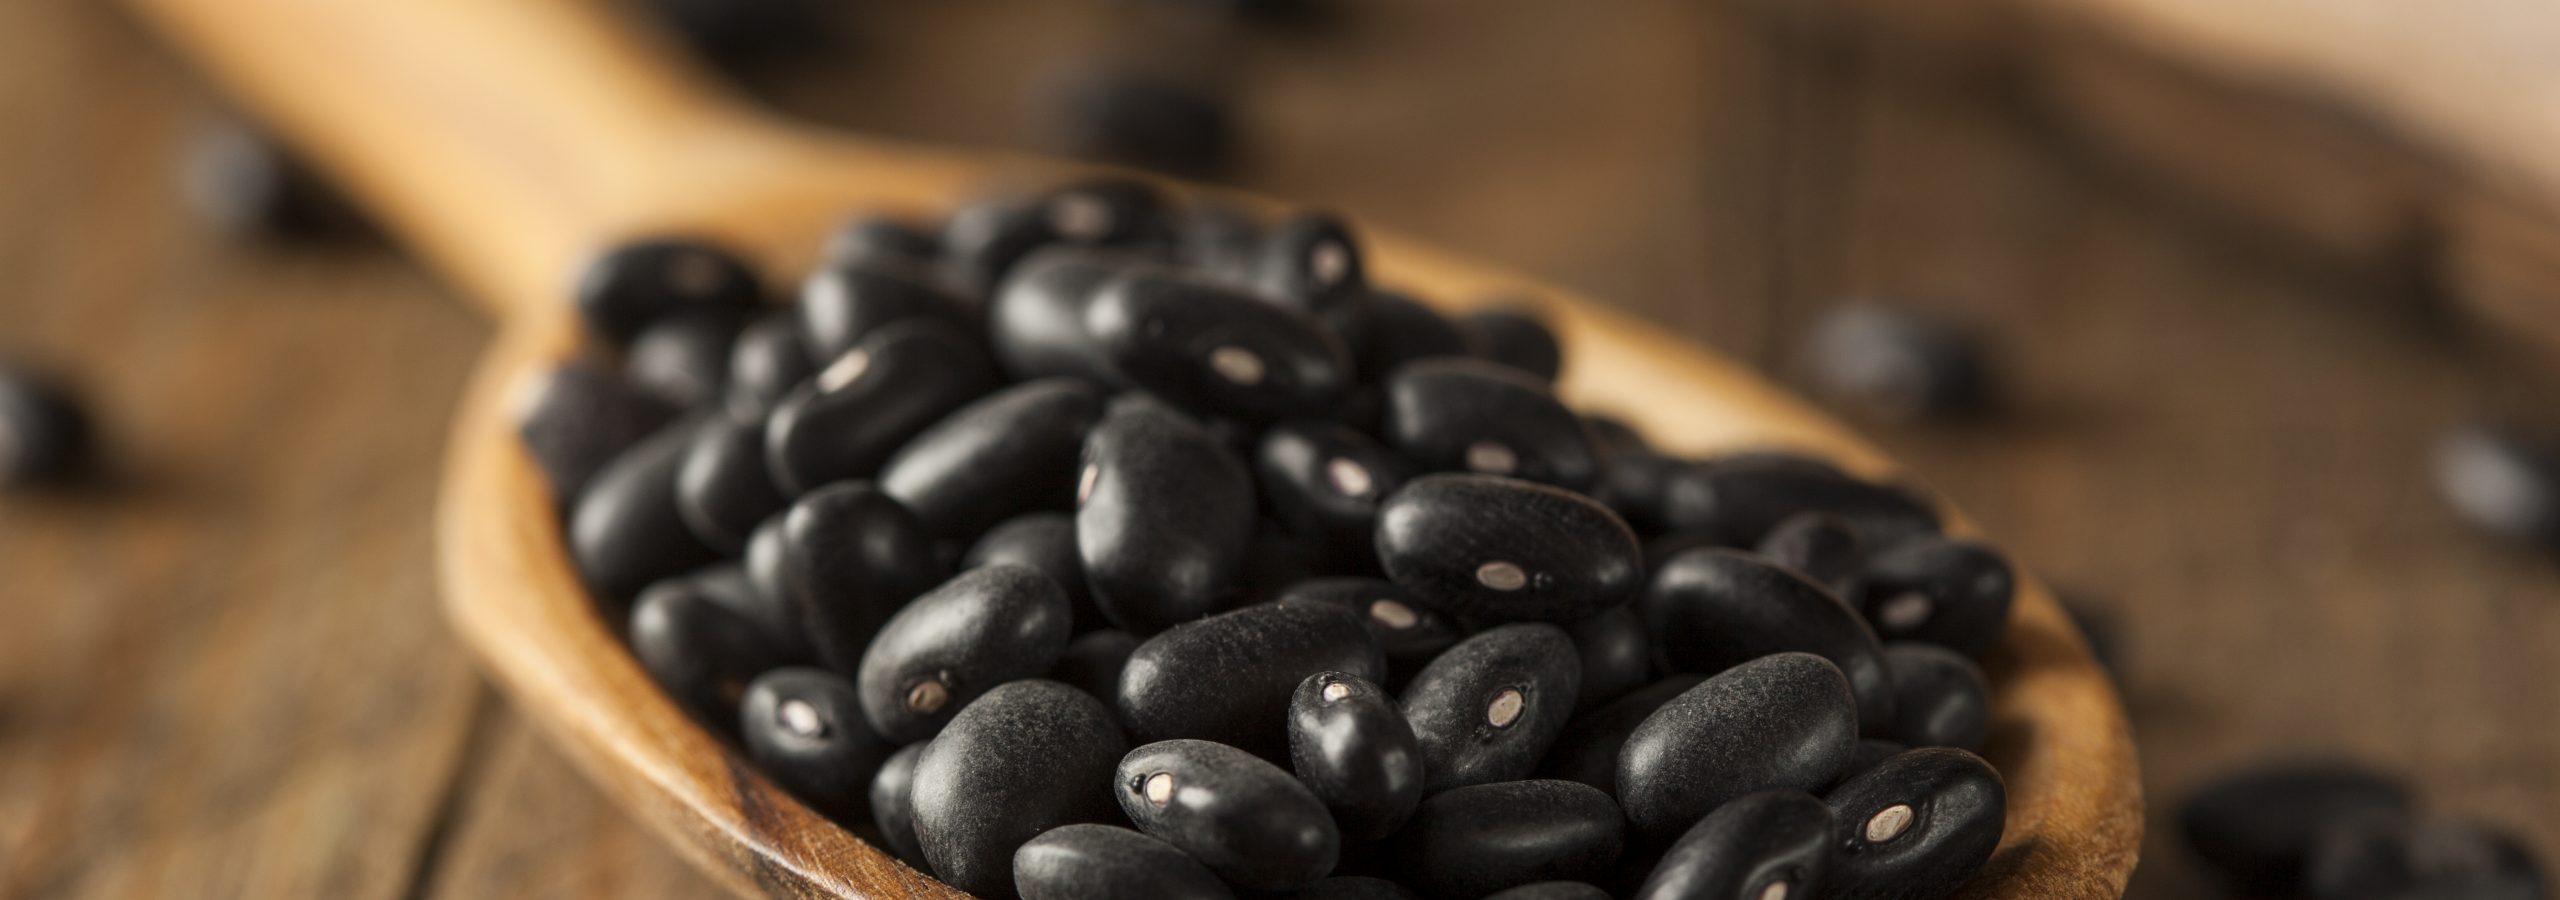 zwarte bonen verpakken